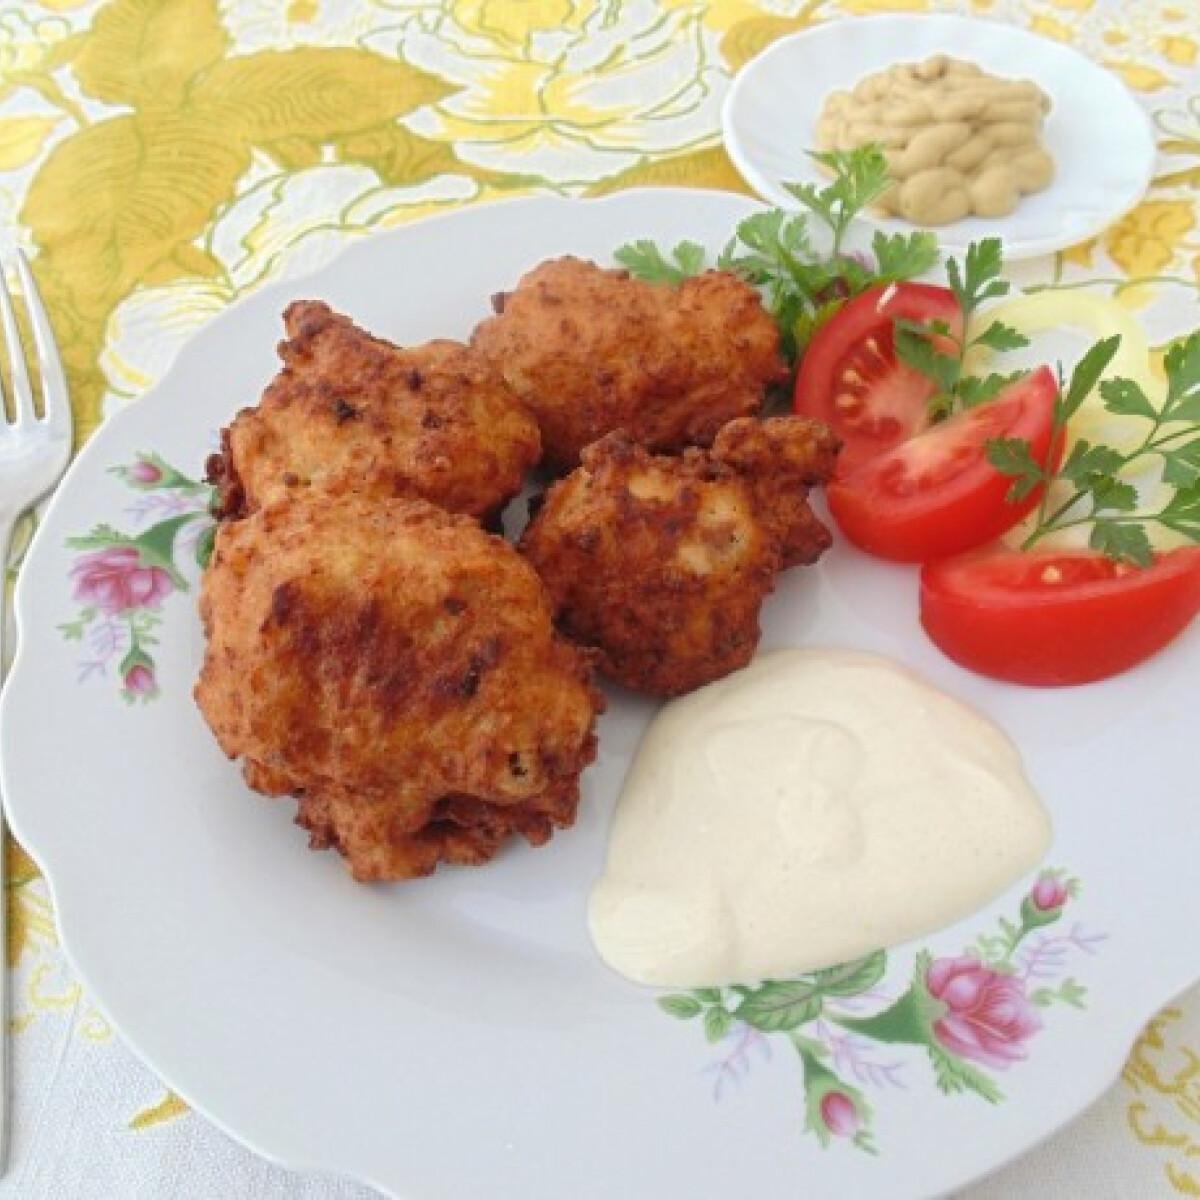 Ezen a képen: Karfiol húsos bundában Lizinka konyhájából